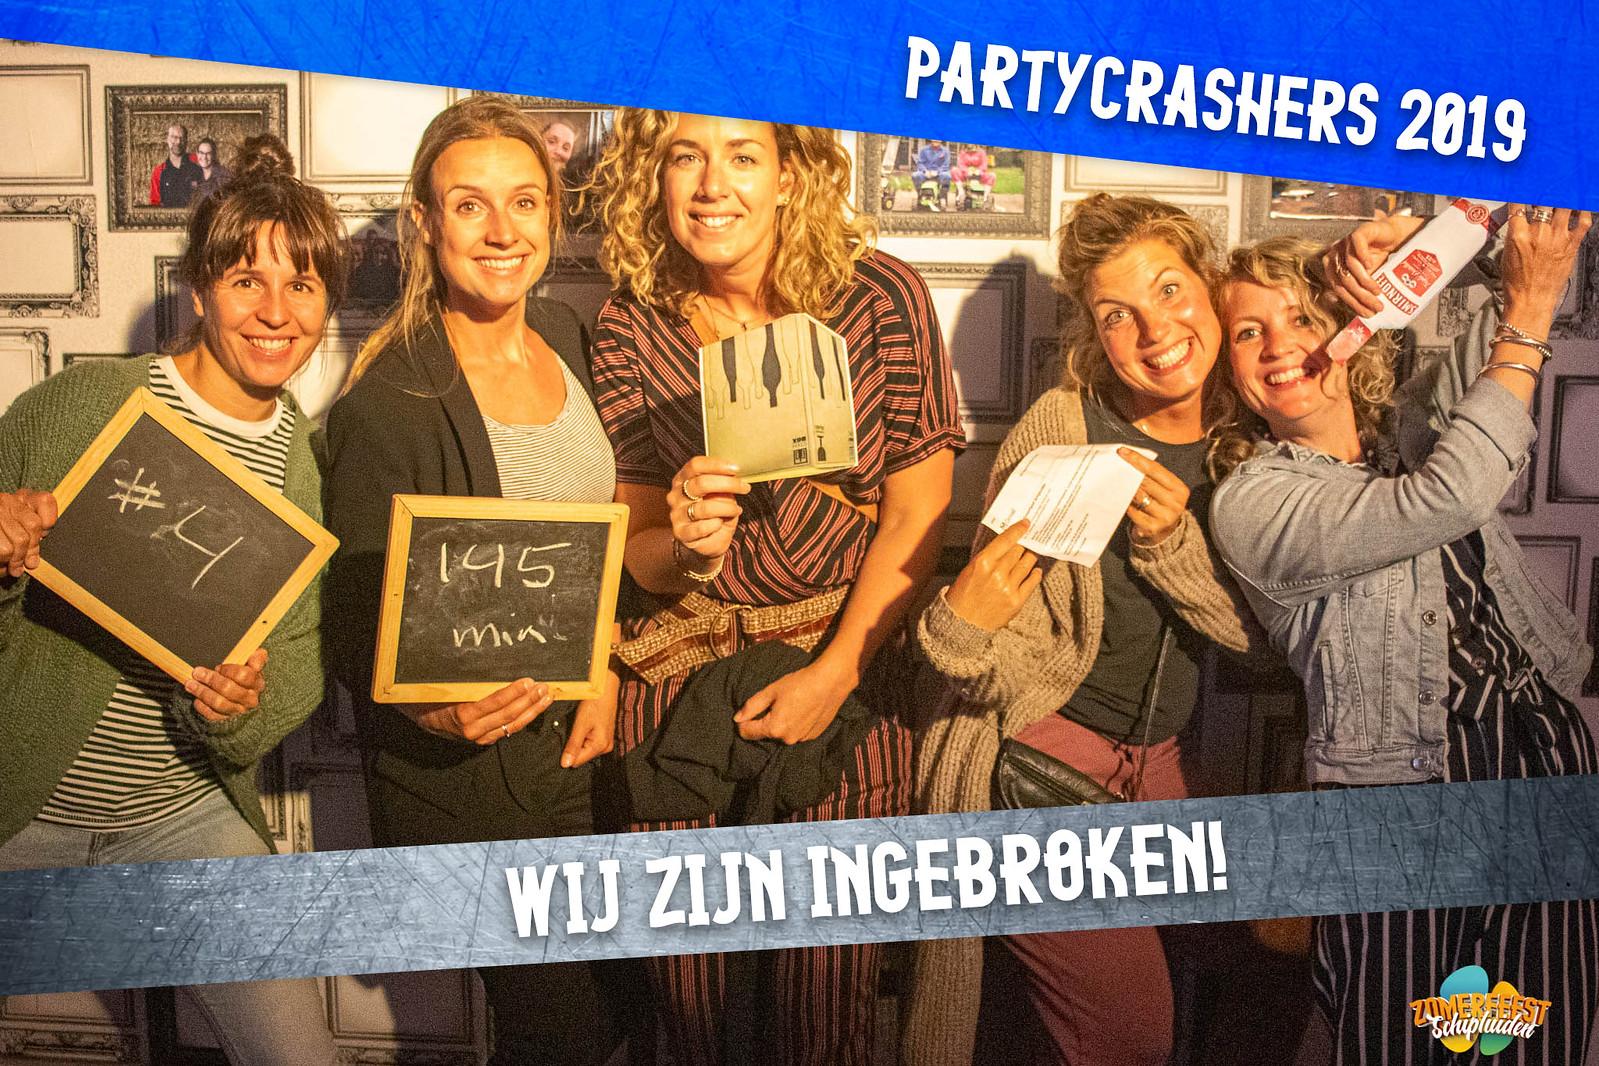 partycrashers-33_0006_Blauw copy 4